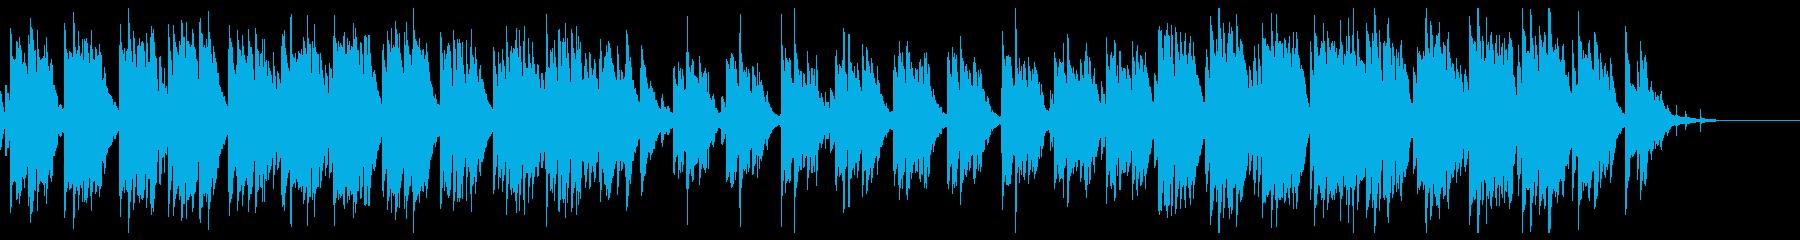 鼓草の再生済みの波形